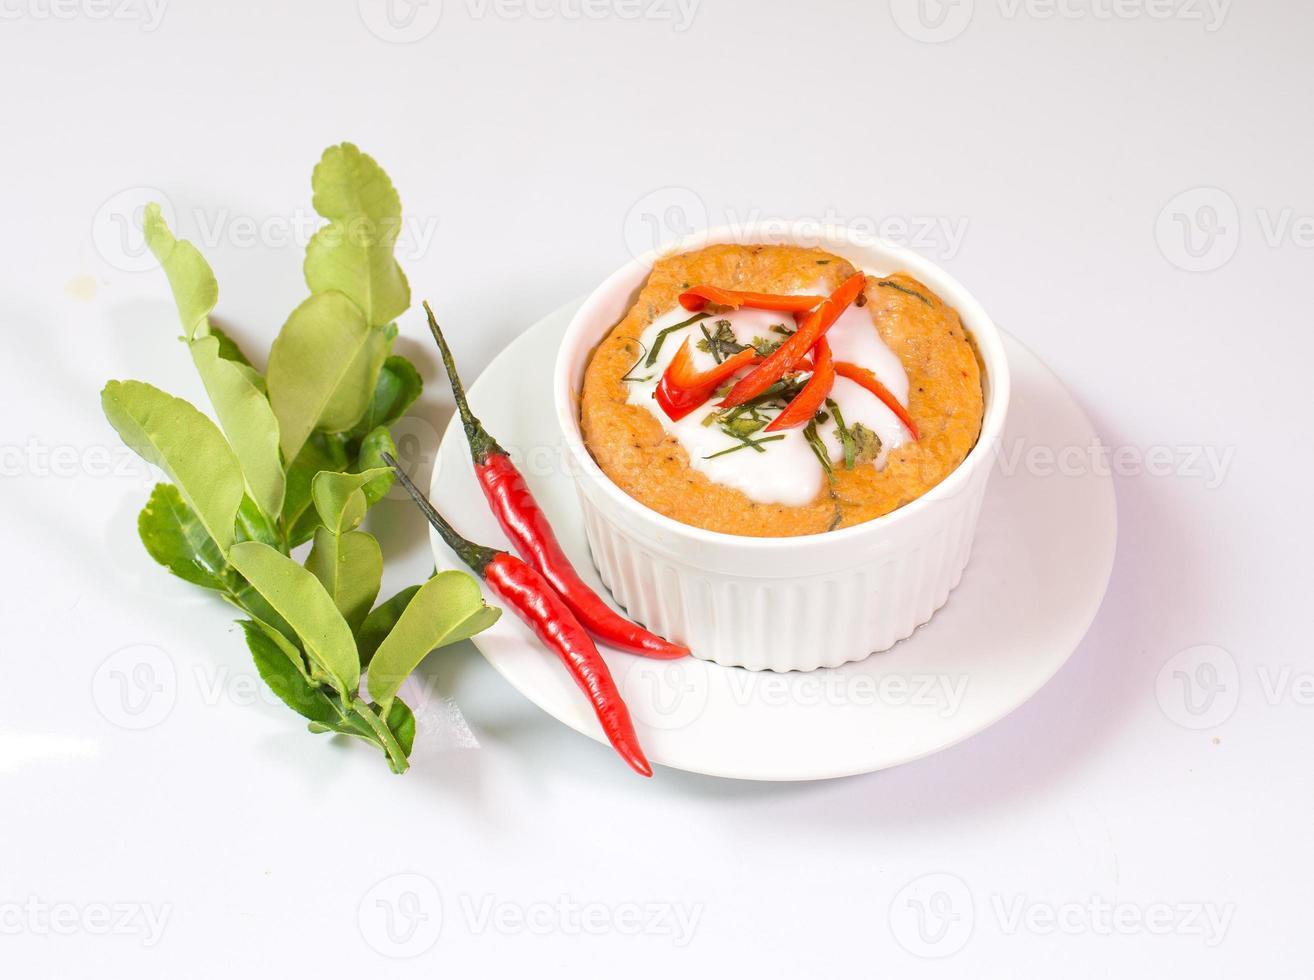 peixe cozido no vapor com caril colar na xícara, comida tailandesa, foto